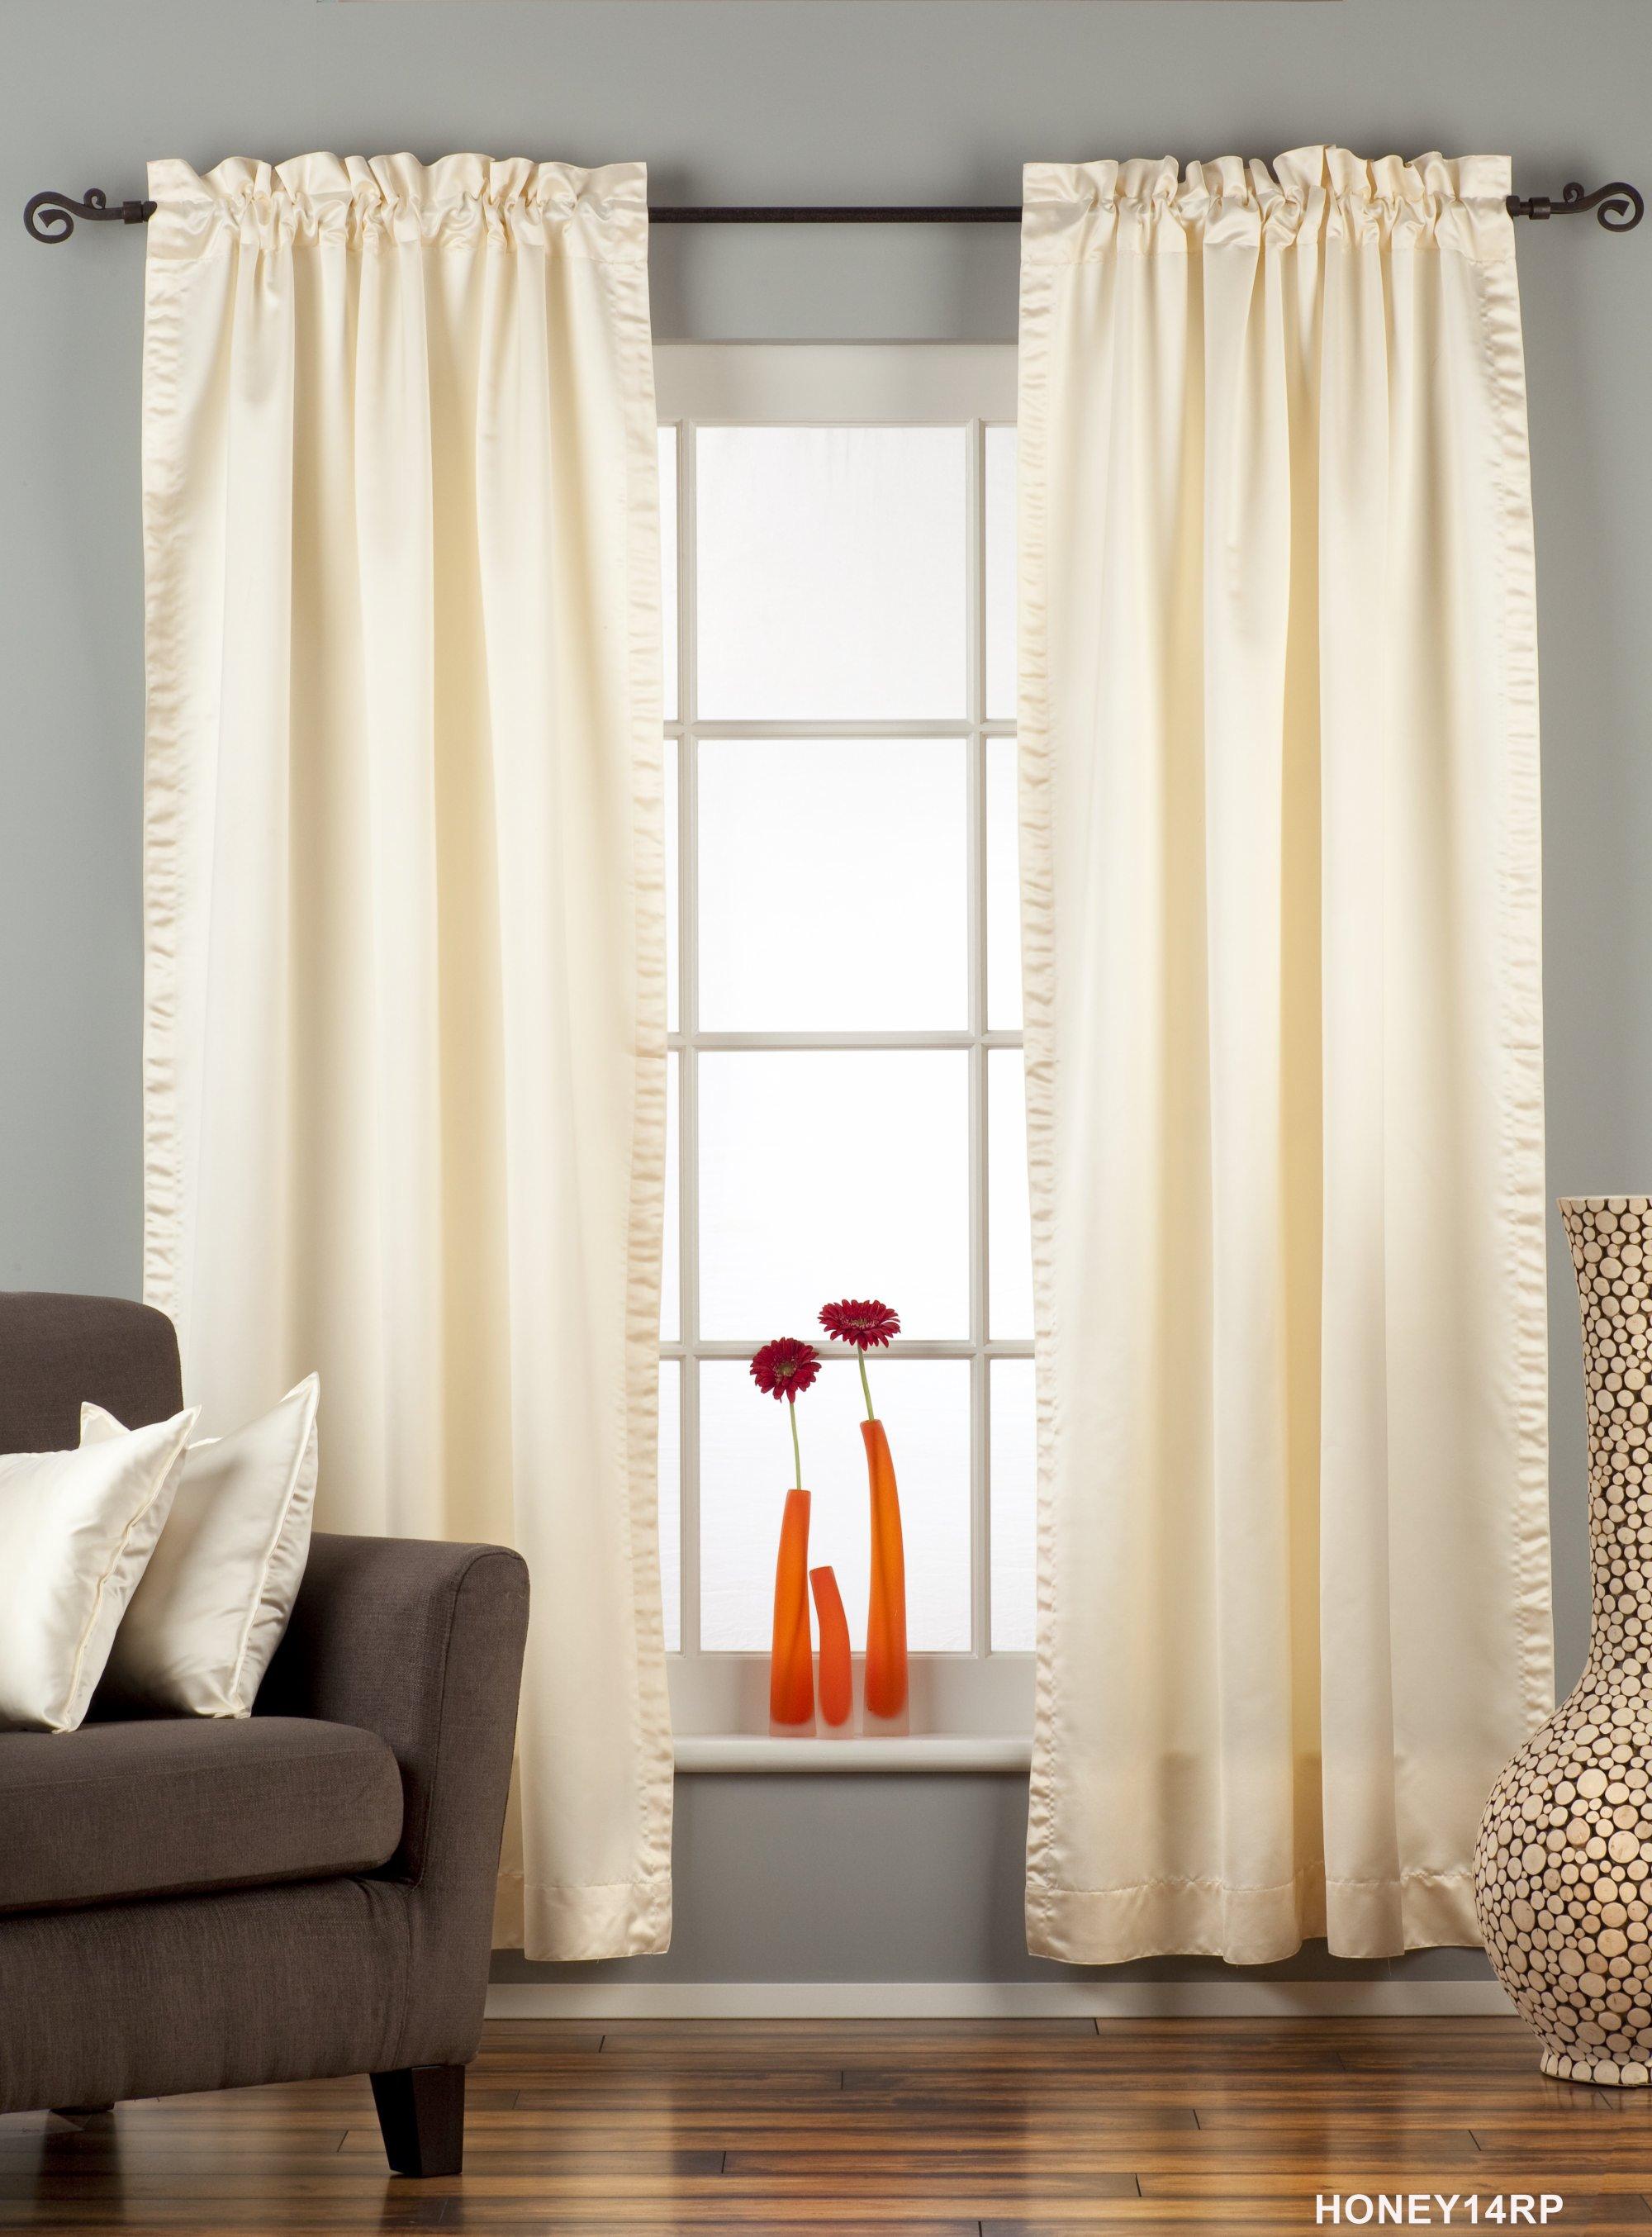 Blackout   Curtain   Cream   Piece   Rod